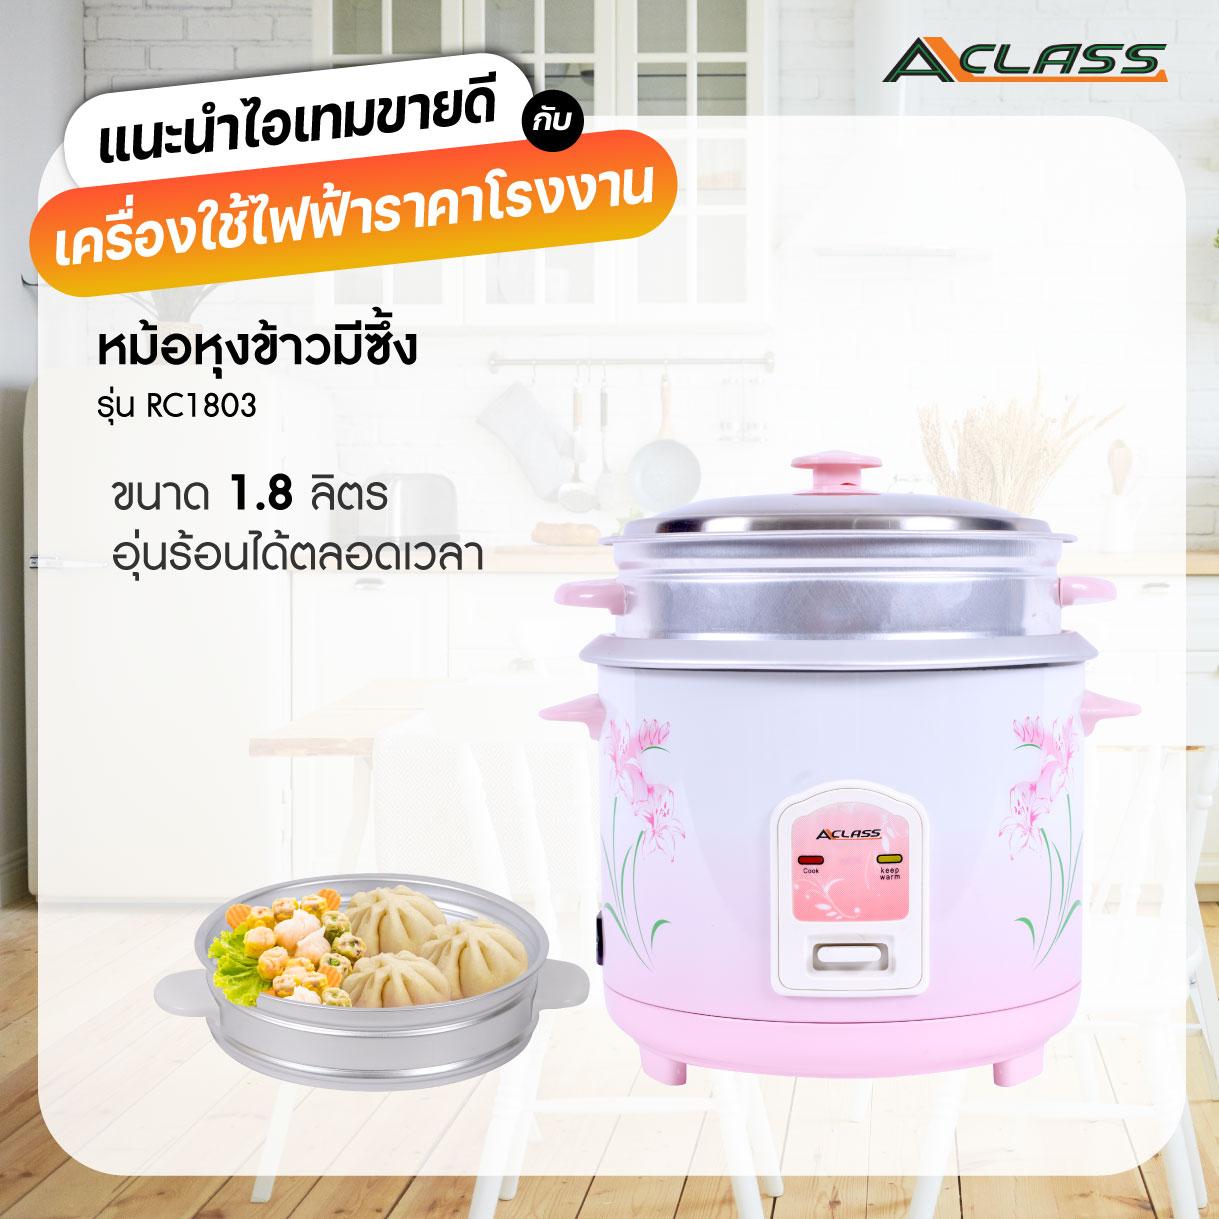 ACLASS หม้อหุงข้าว 1.8 ลิตร รุ่น RC-1803 พร้อมซึงนึ่งอาหาร